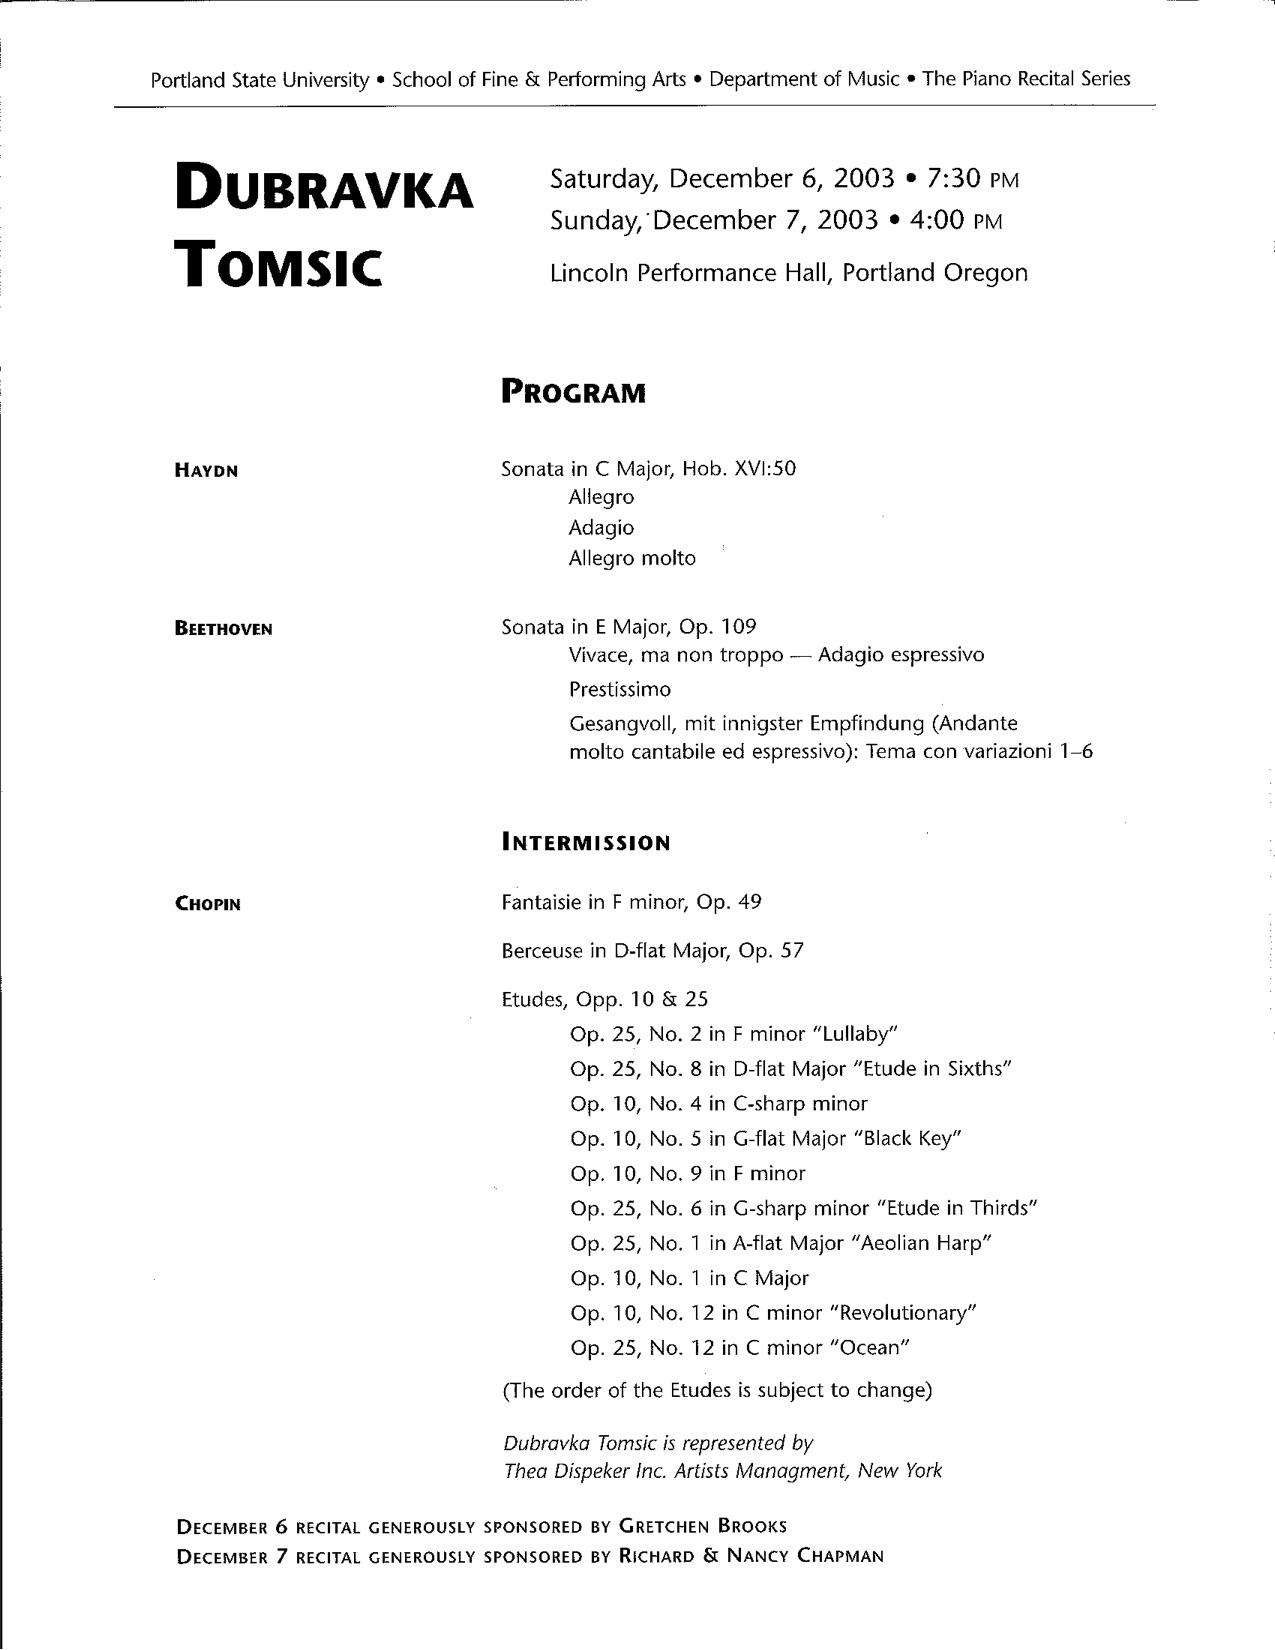 Tomsic03-04_Program2.jpg